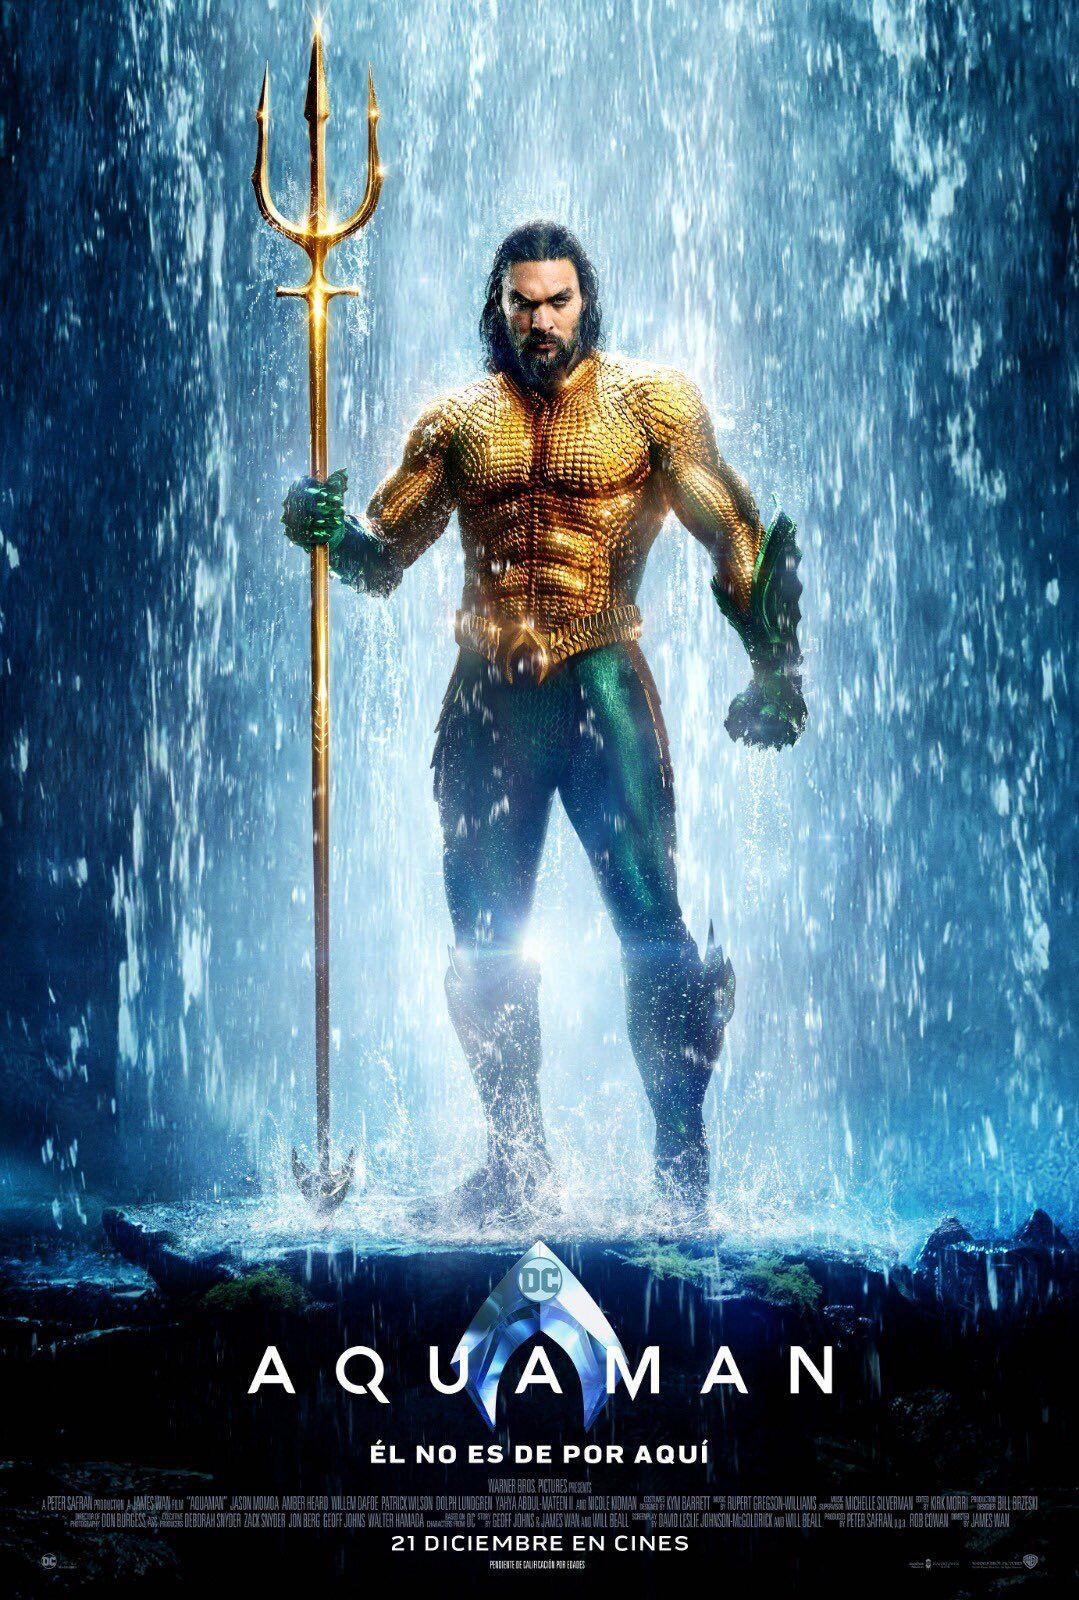 Pin By Daniel Mendez On Afiches De Peliculas Aquaman Film Aquaman 2018 New Aquaman